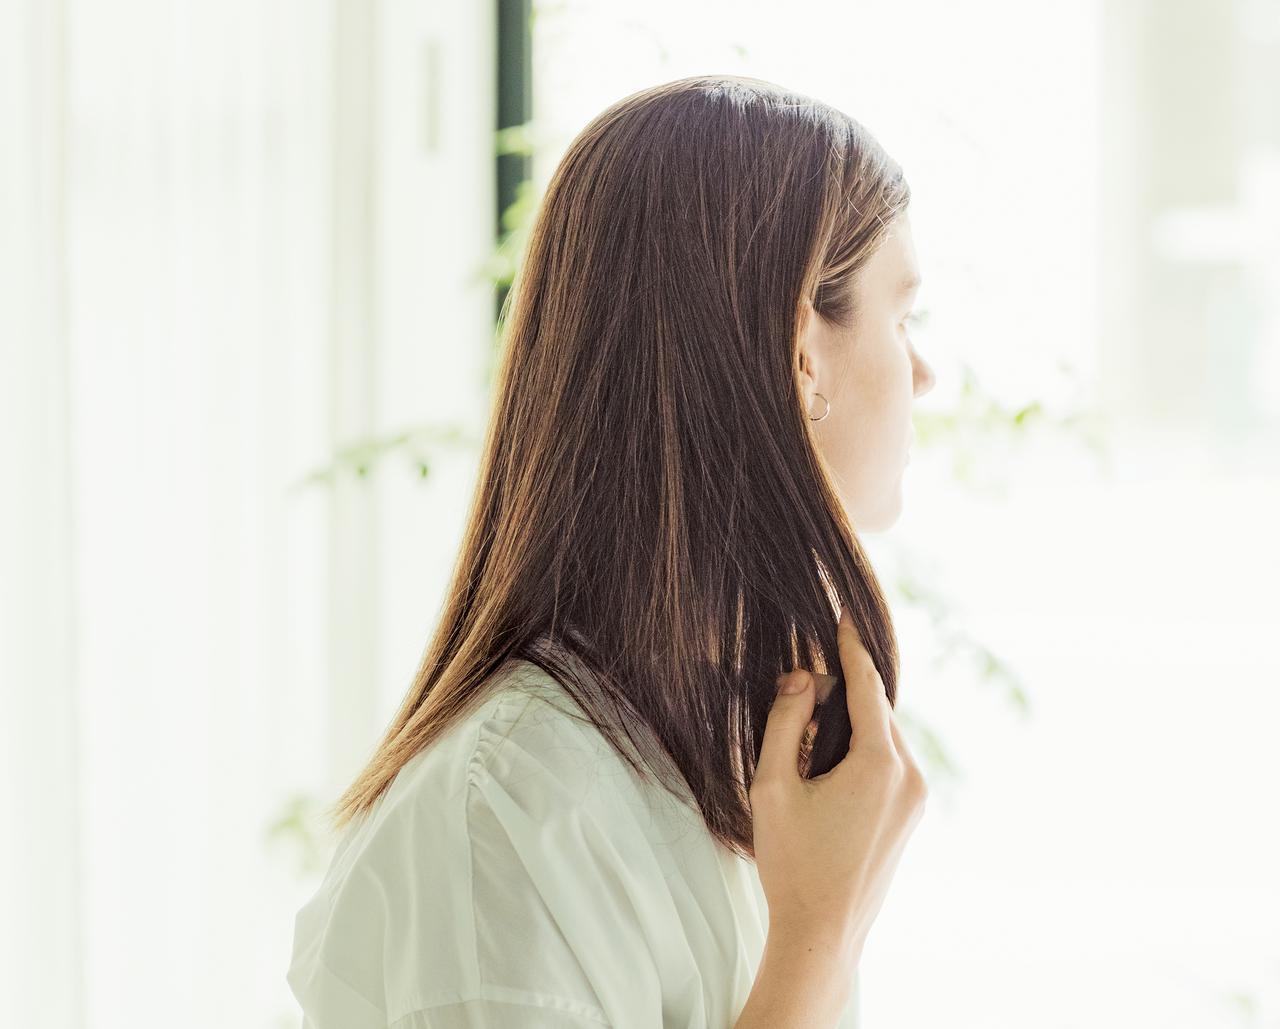 画像1: 秋に感じる「疲れ髪」の原因は?ダメージ補修と徹底保湿で秋も美髪に!